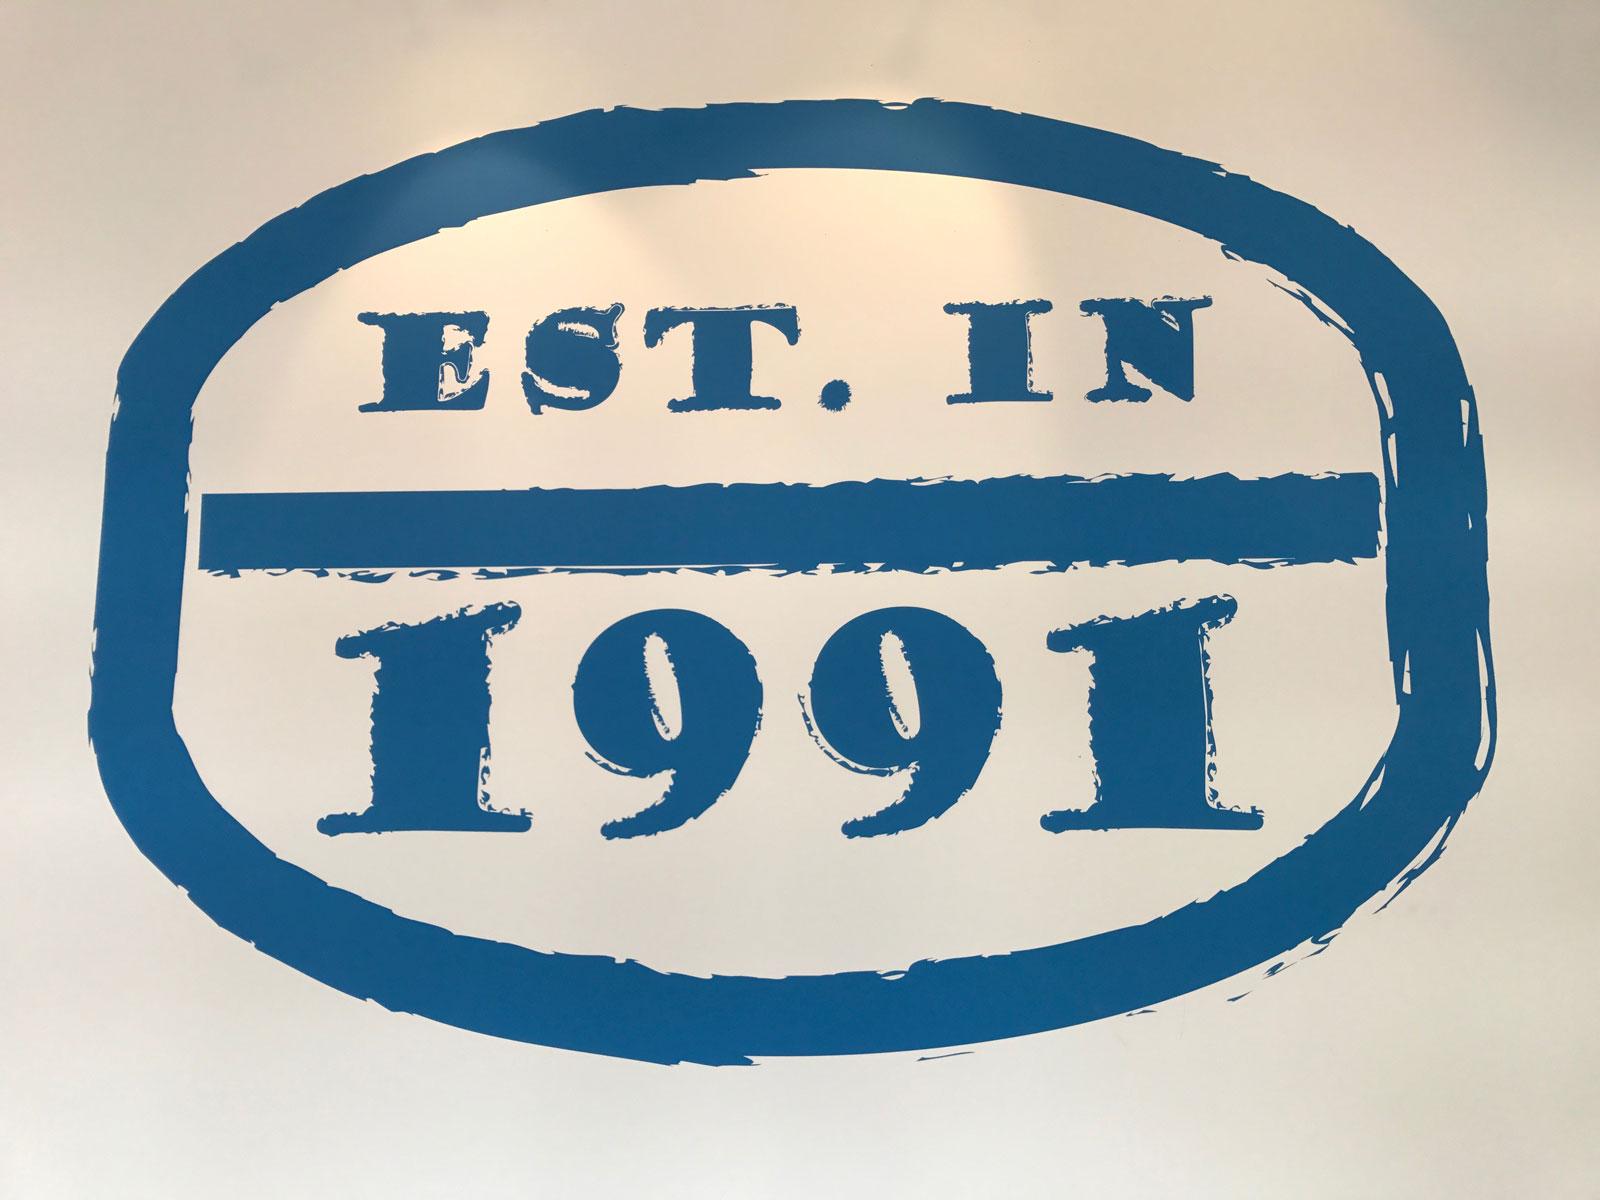 Established in 1991 - IMMOBILIEN INTERPRES